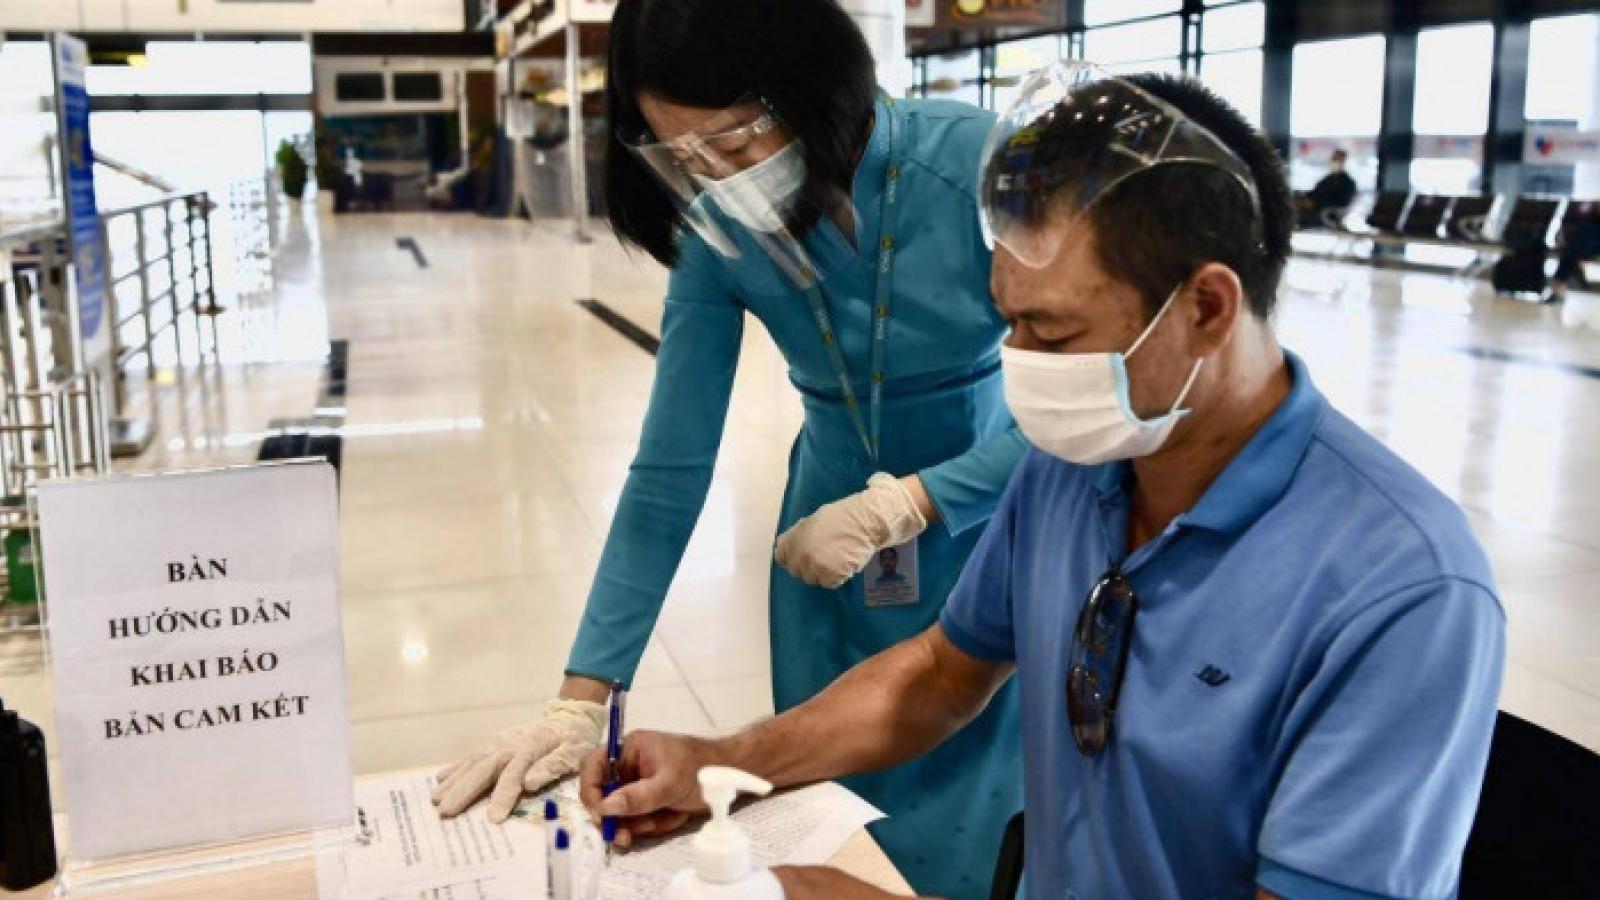 Khách đi máy bay vẫn phải khai báo theo mẫu giấy tại sân bay, thủ tục rút gọn hơn